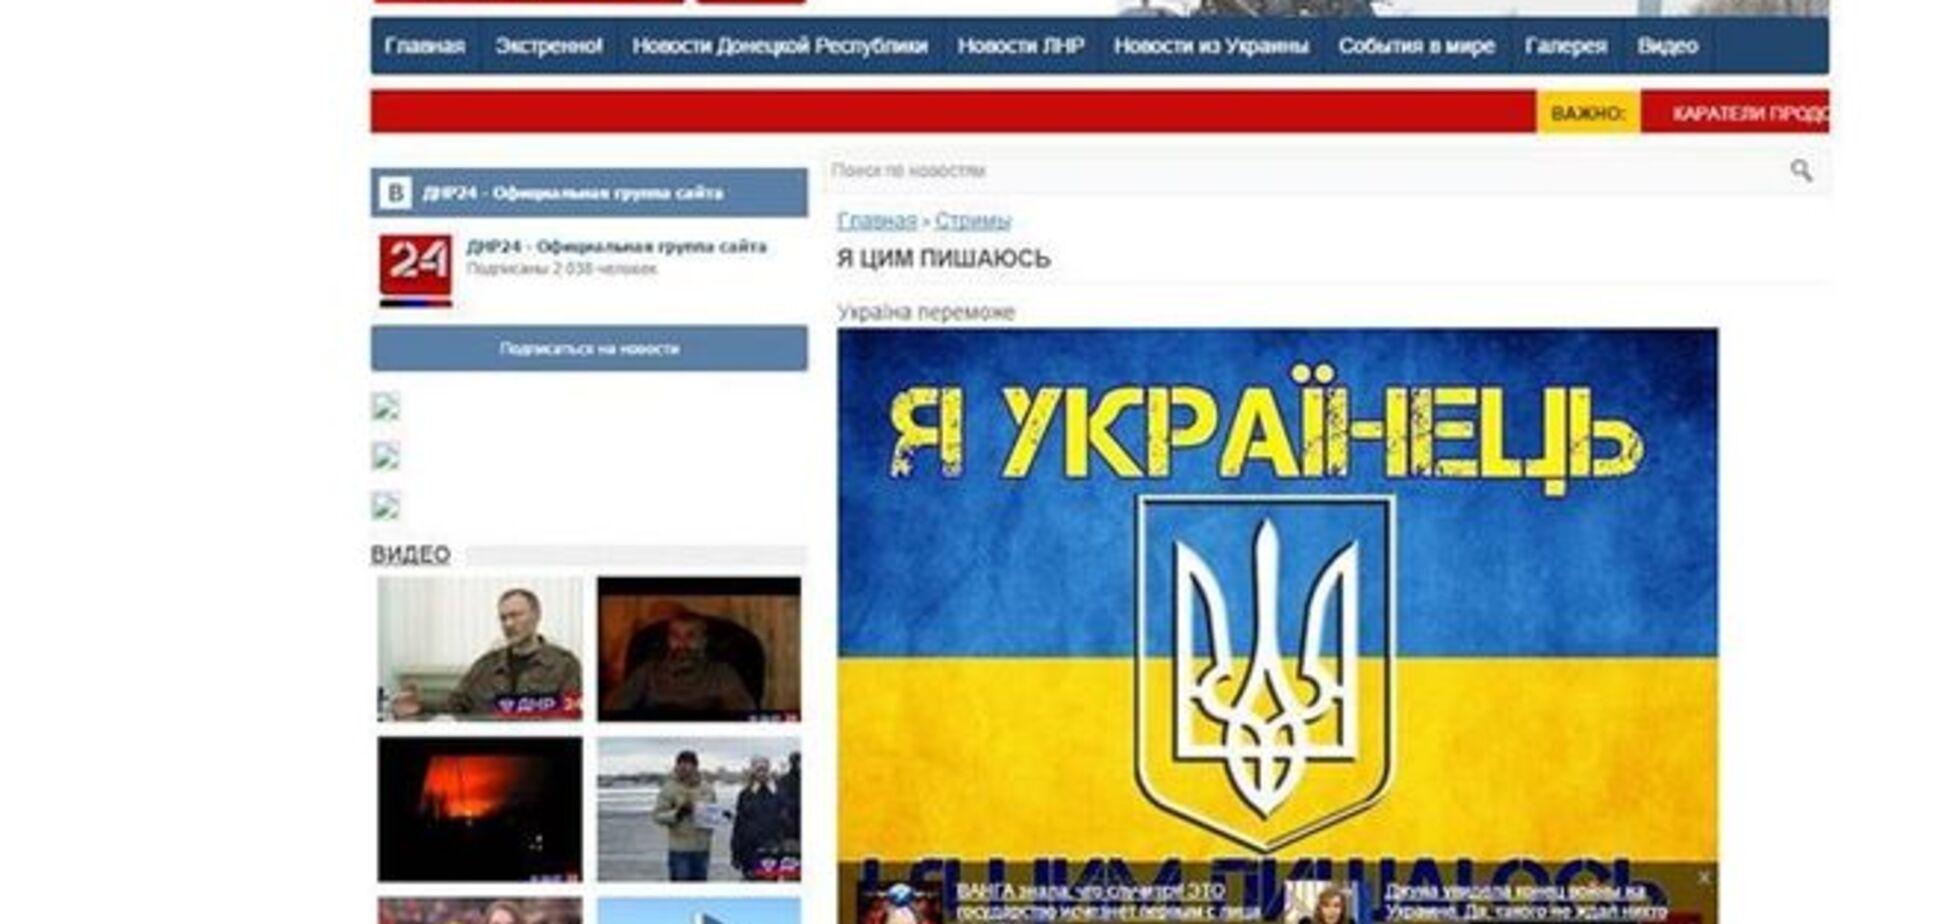 Украинские хакеры взломали сайт 'ДНР' и 'приукрасили' его: я – украинец!